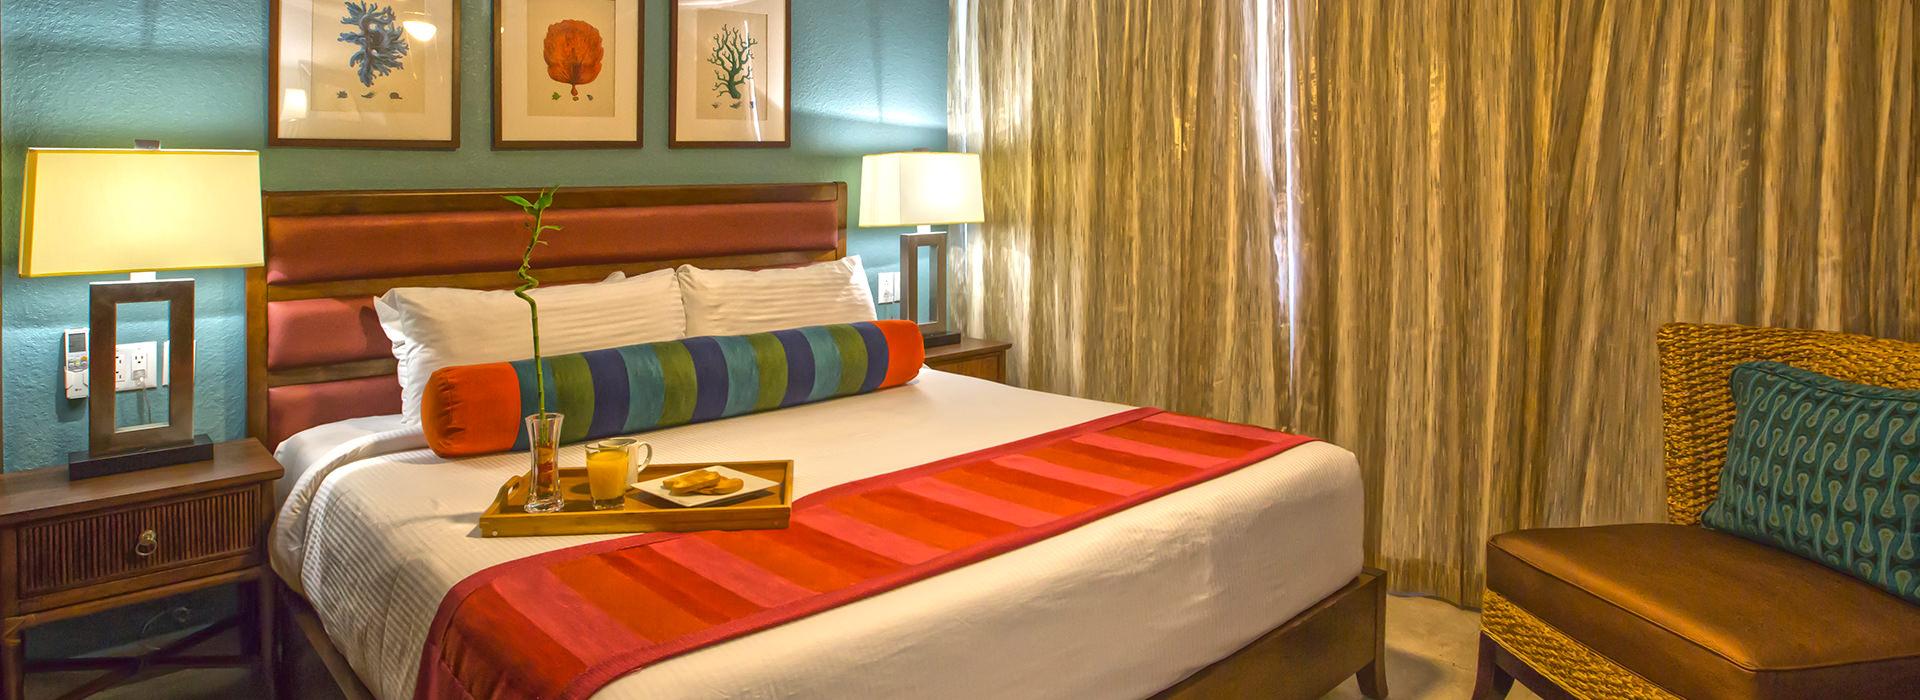 st maarten resort suites